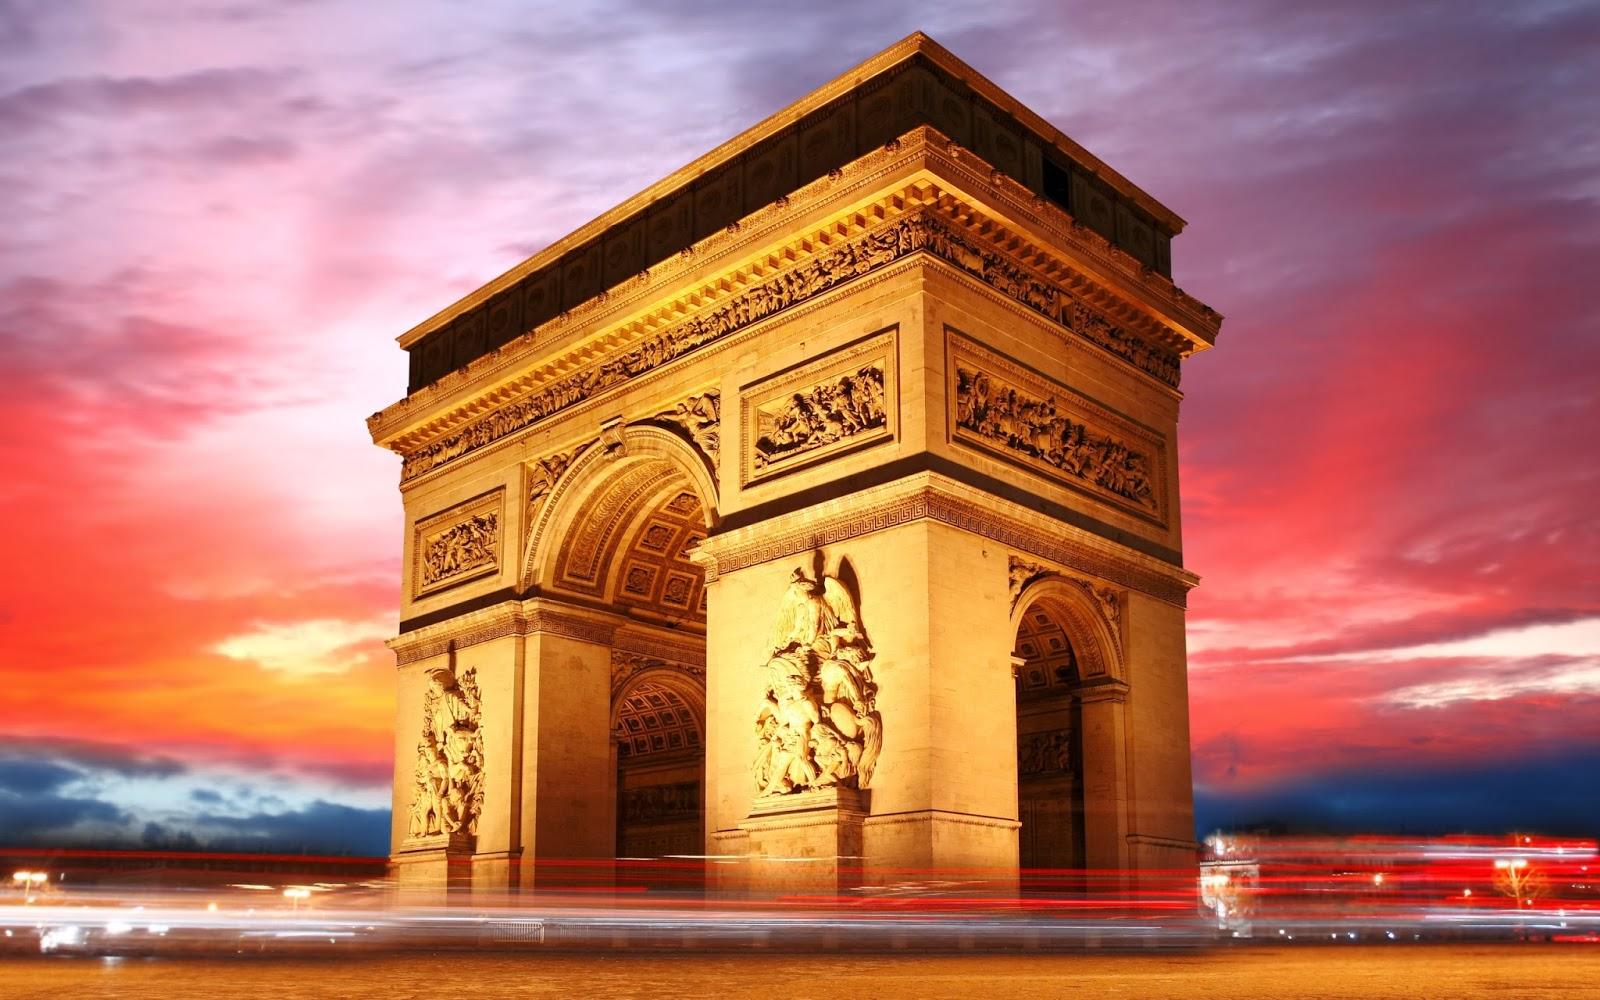 Imagenes de El Arco de Triunfo de Paris francia